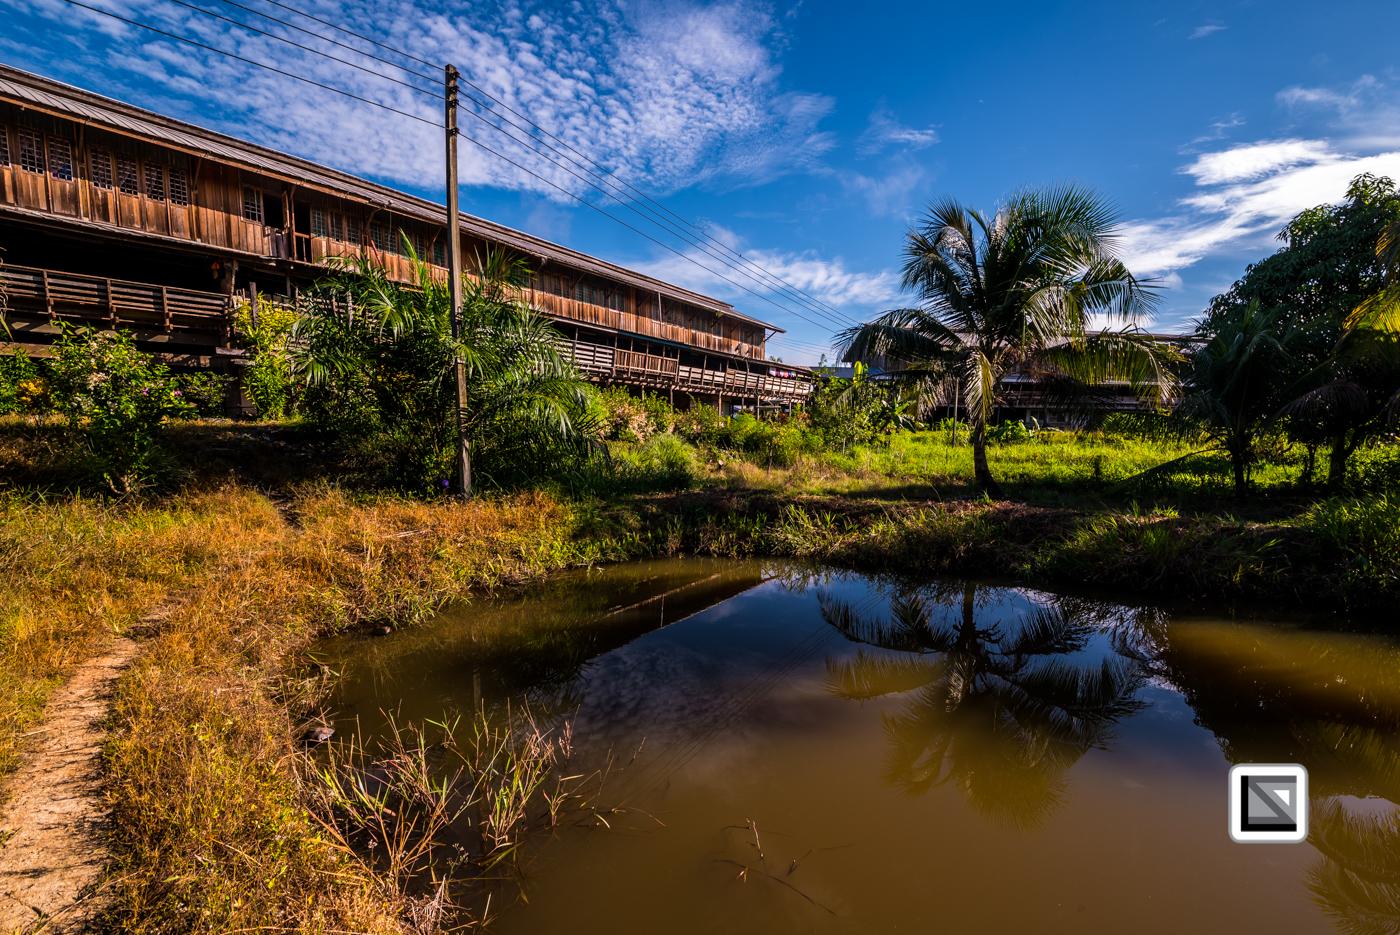 Malaysia-Sarawak-Asap_Resettlement-Longhouse-29